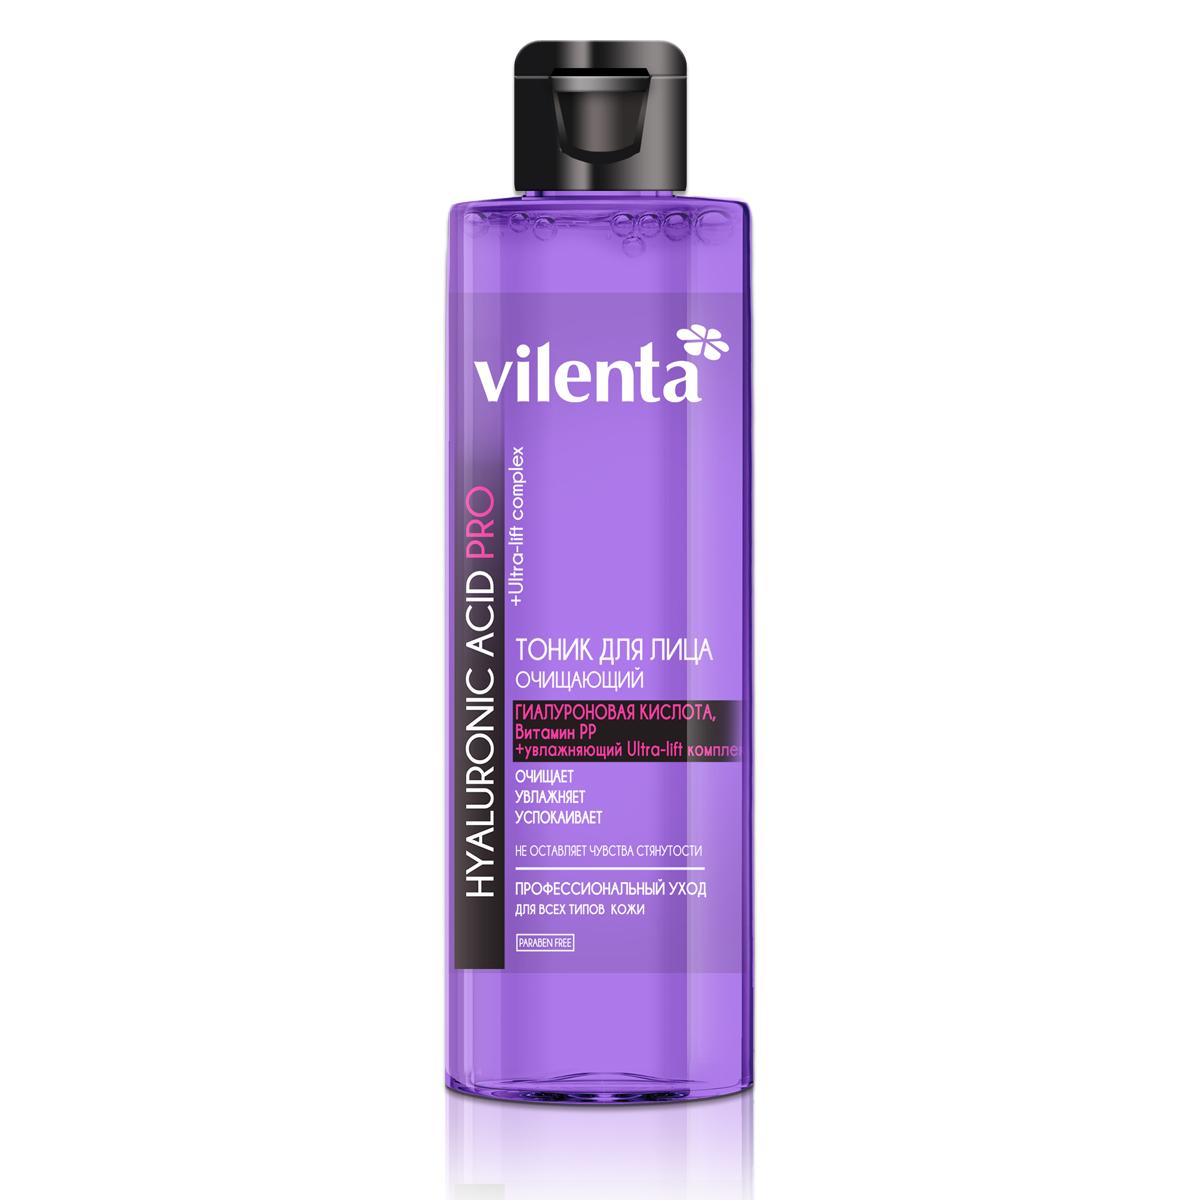 Vilenta Тоник для лица Очищающий Hyaluronic Acid Pro, 200 мл424Легкая текстура тоника, за счёт содержания гиалуроновой кислоты и увлажняющего комплекса, восстанавливает комфортный и естественный баланс кожи. Витамин РР, входящий в состав тоника, оказывает противовоспалительное и очищающее действие, препятствует появлению комедонов. Комплекс морских водорослей повышает упругость и эластичность кожи.